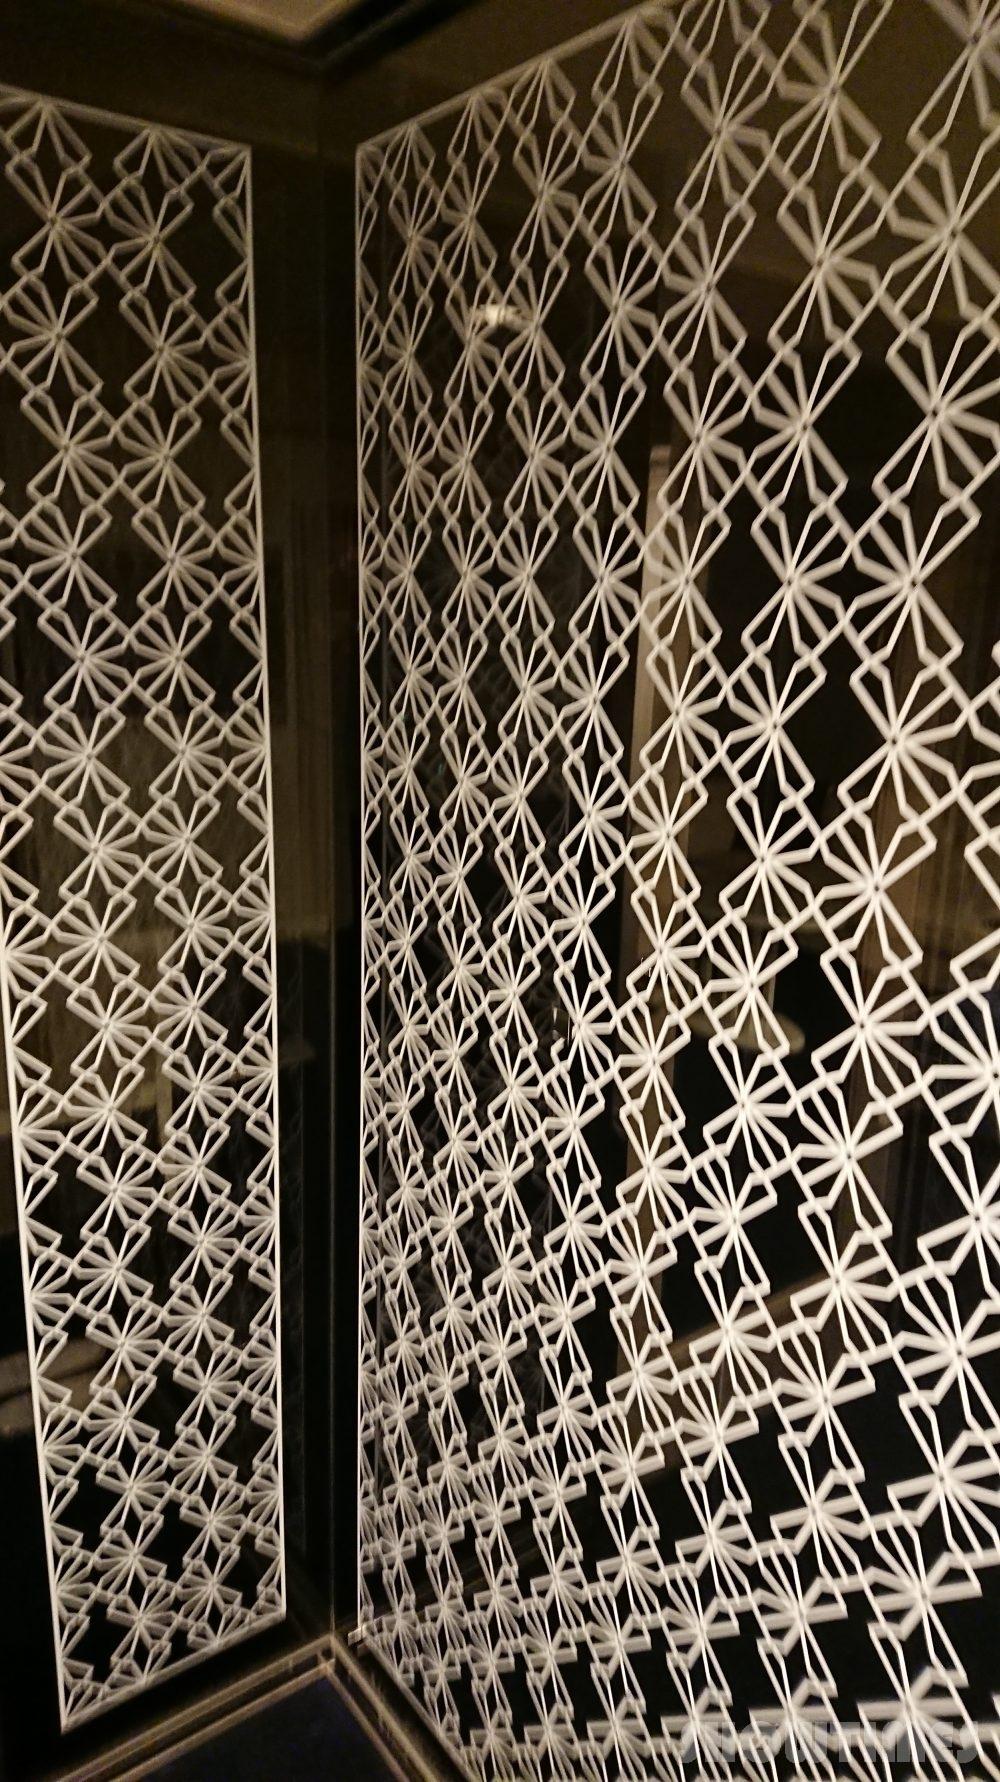 プレミアホテル中島公園デラックスラージダブルの玄関1